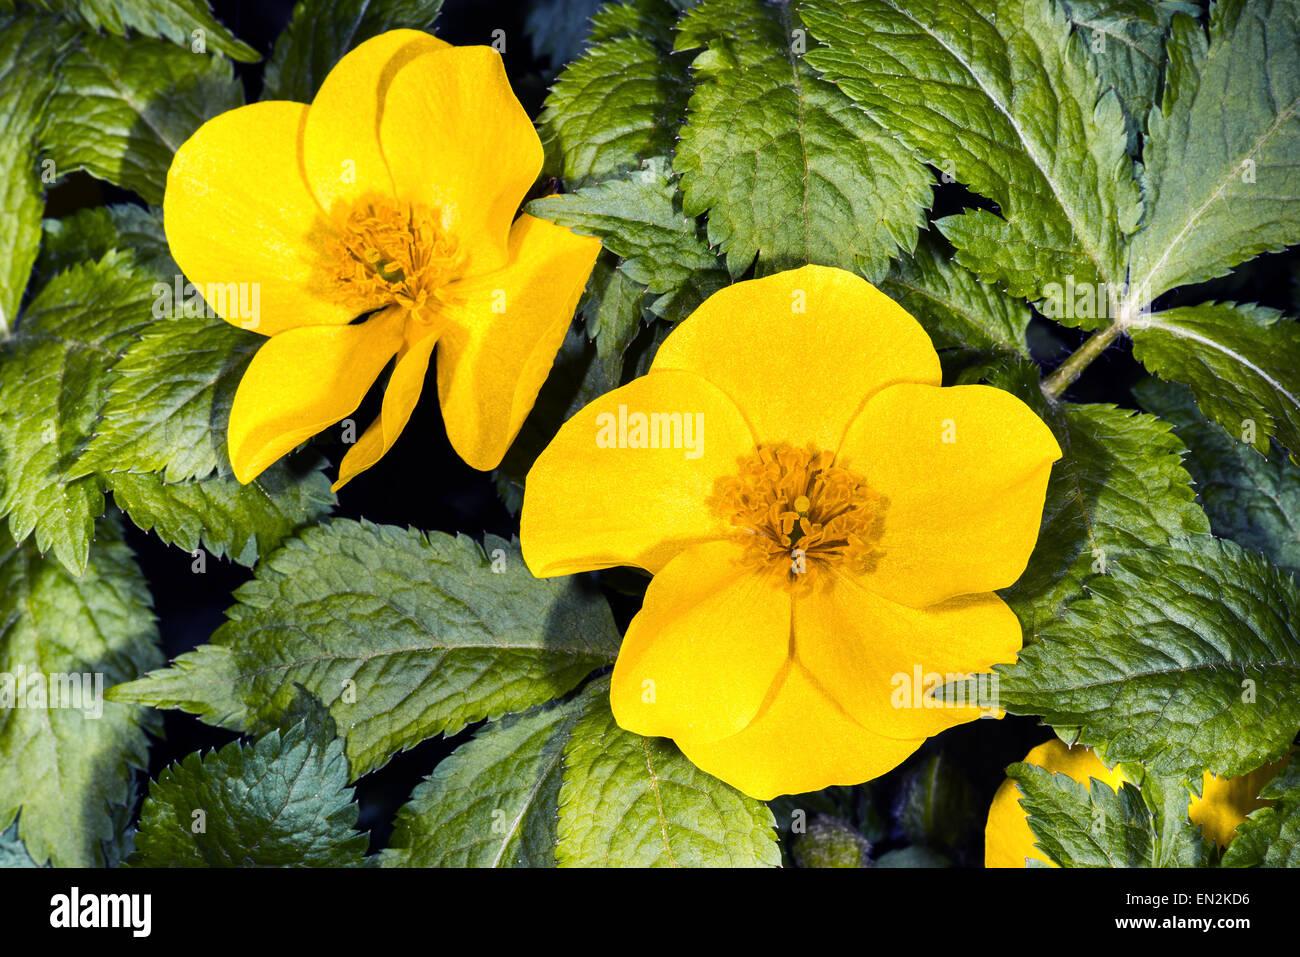 Fiore tagete fiore giallo verde primavera foglie fresche for Acqua verde laghetto